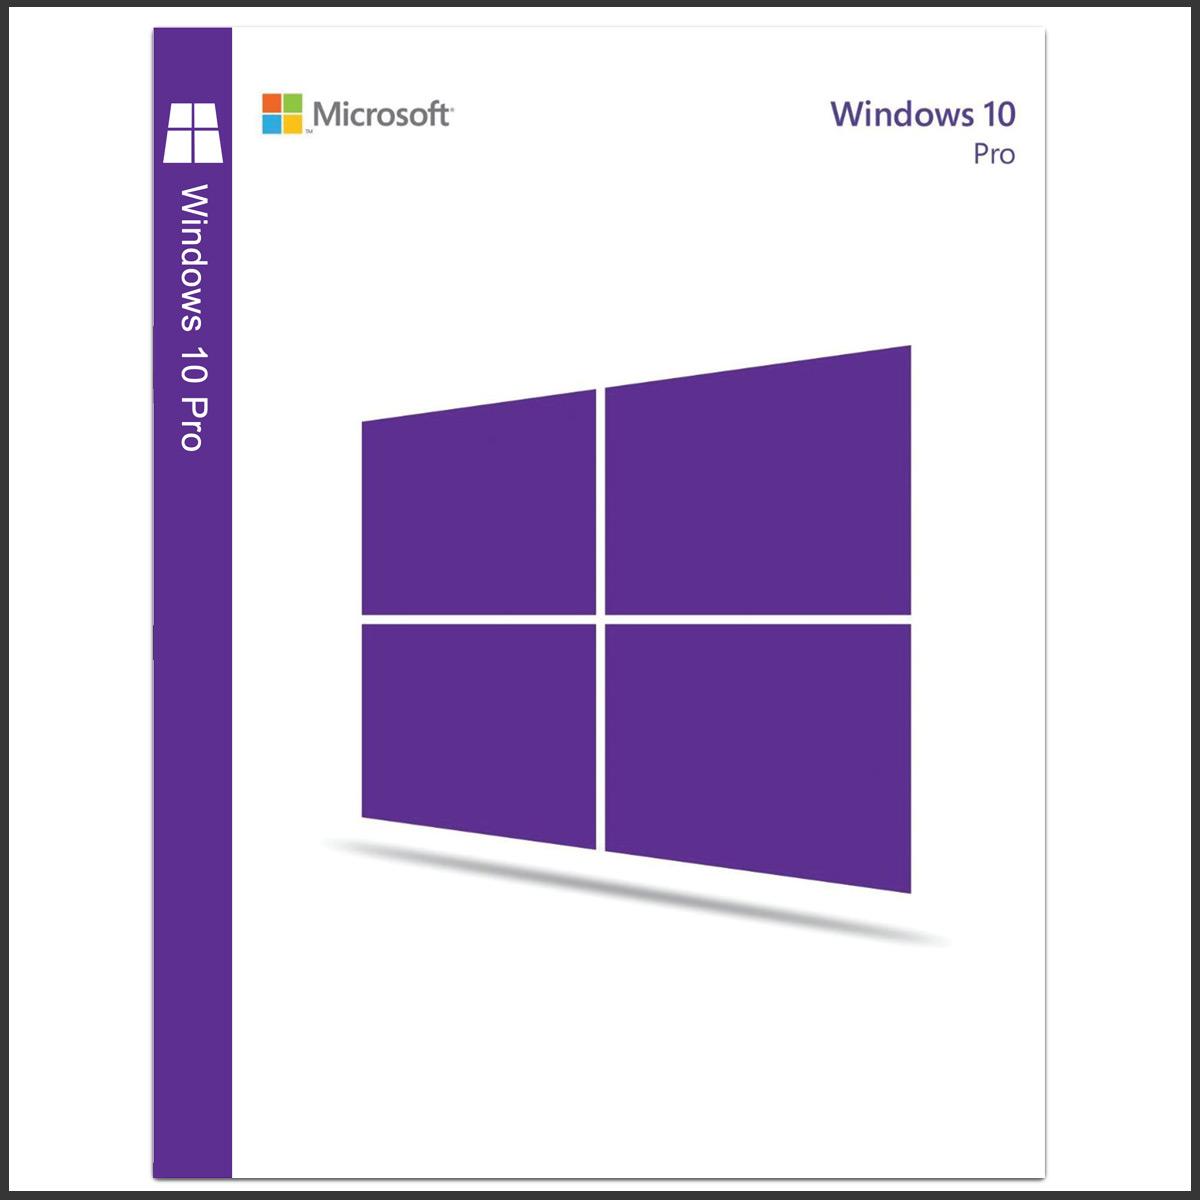 سیستم عامل Windows10 نسخه Pro